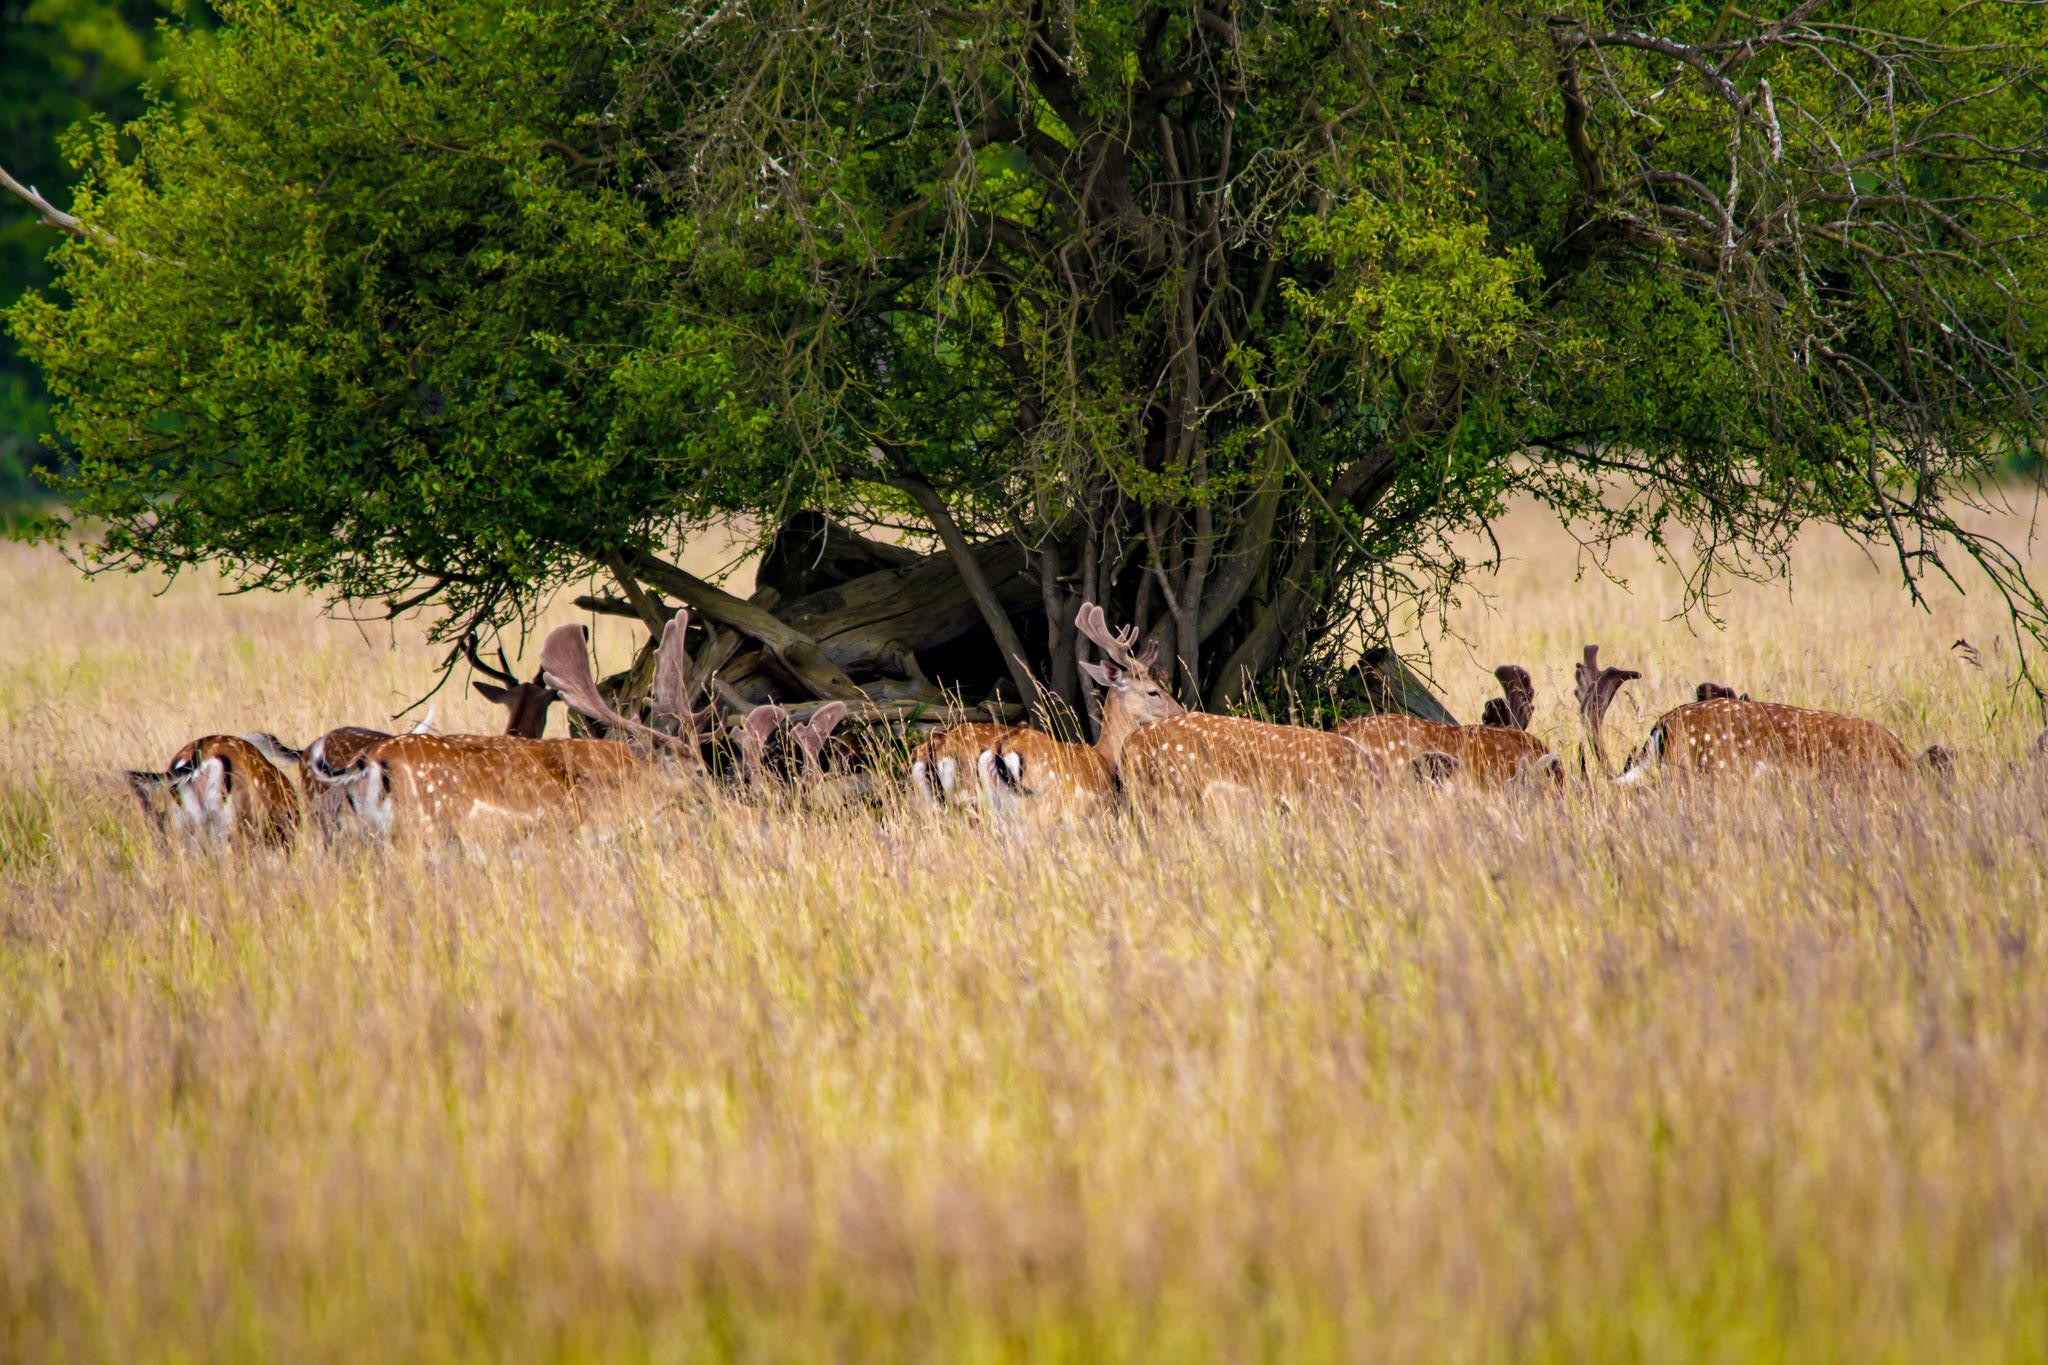 07_Rehböcke im Naturschutzgebiet Mönchbruch.